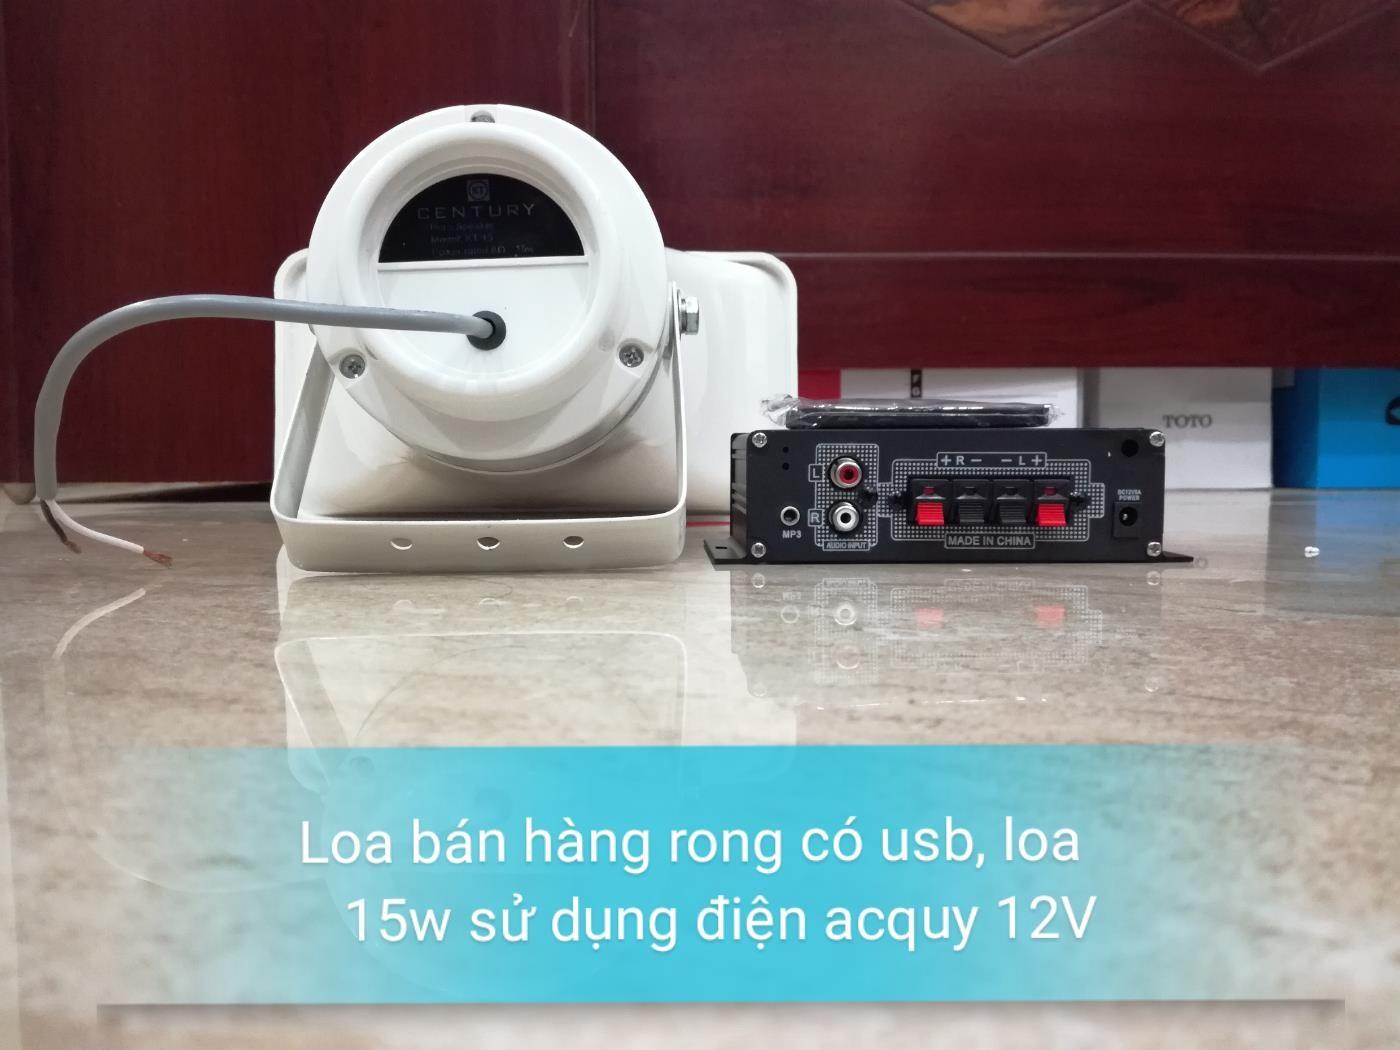 loa ban hang rong